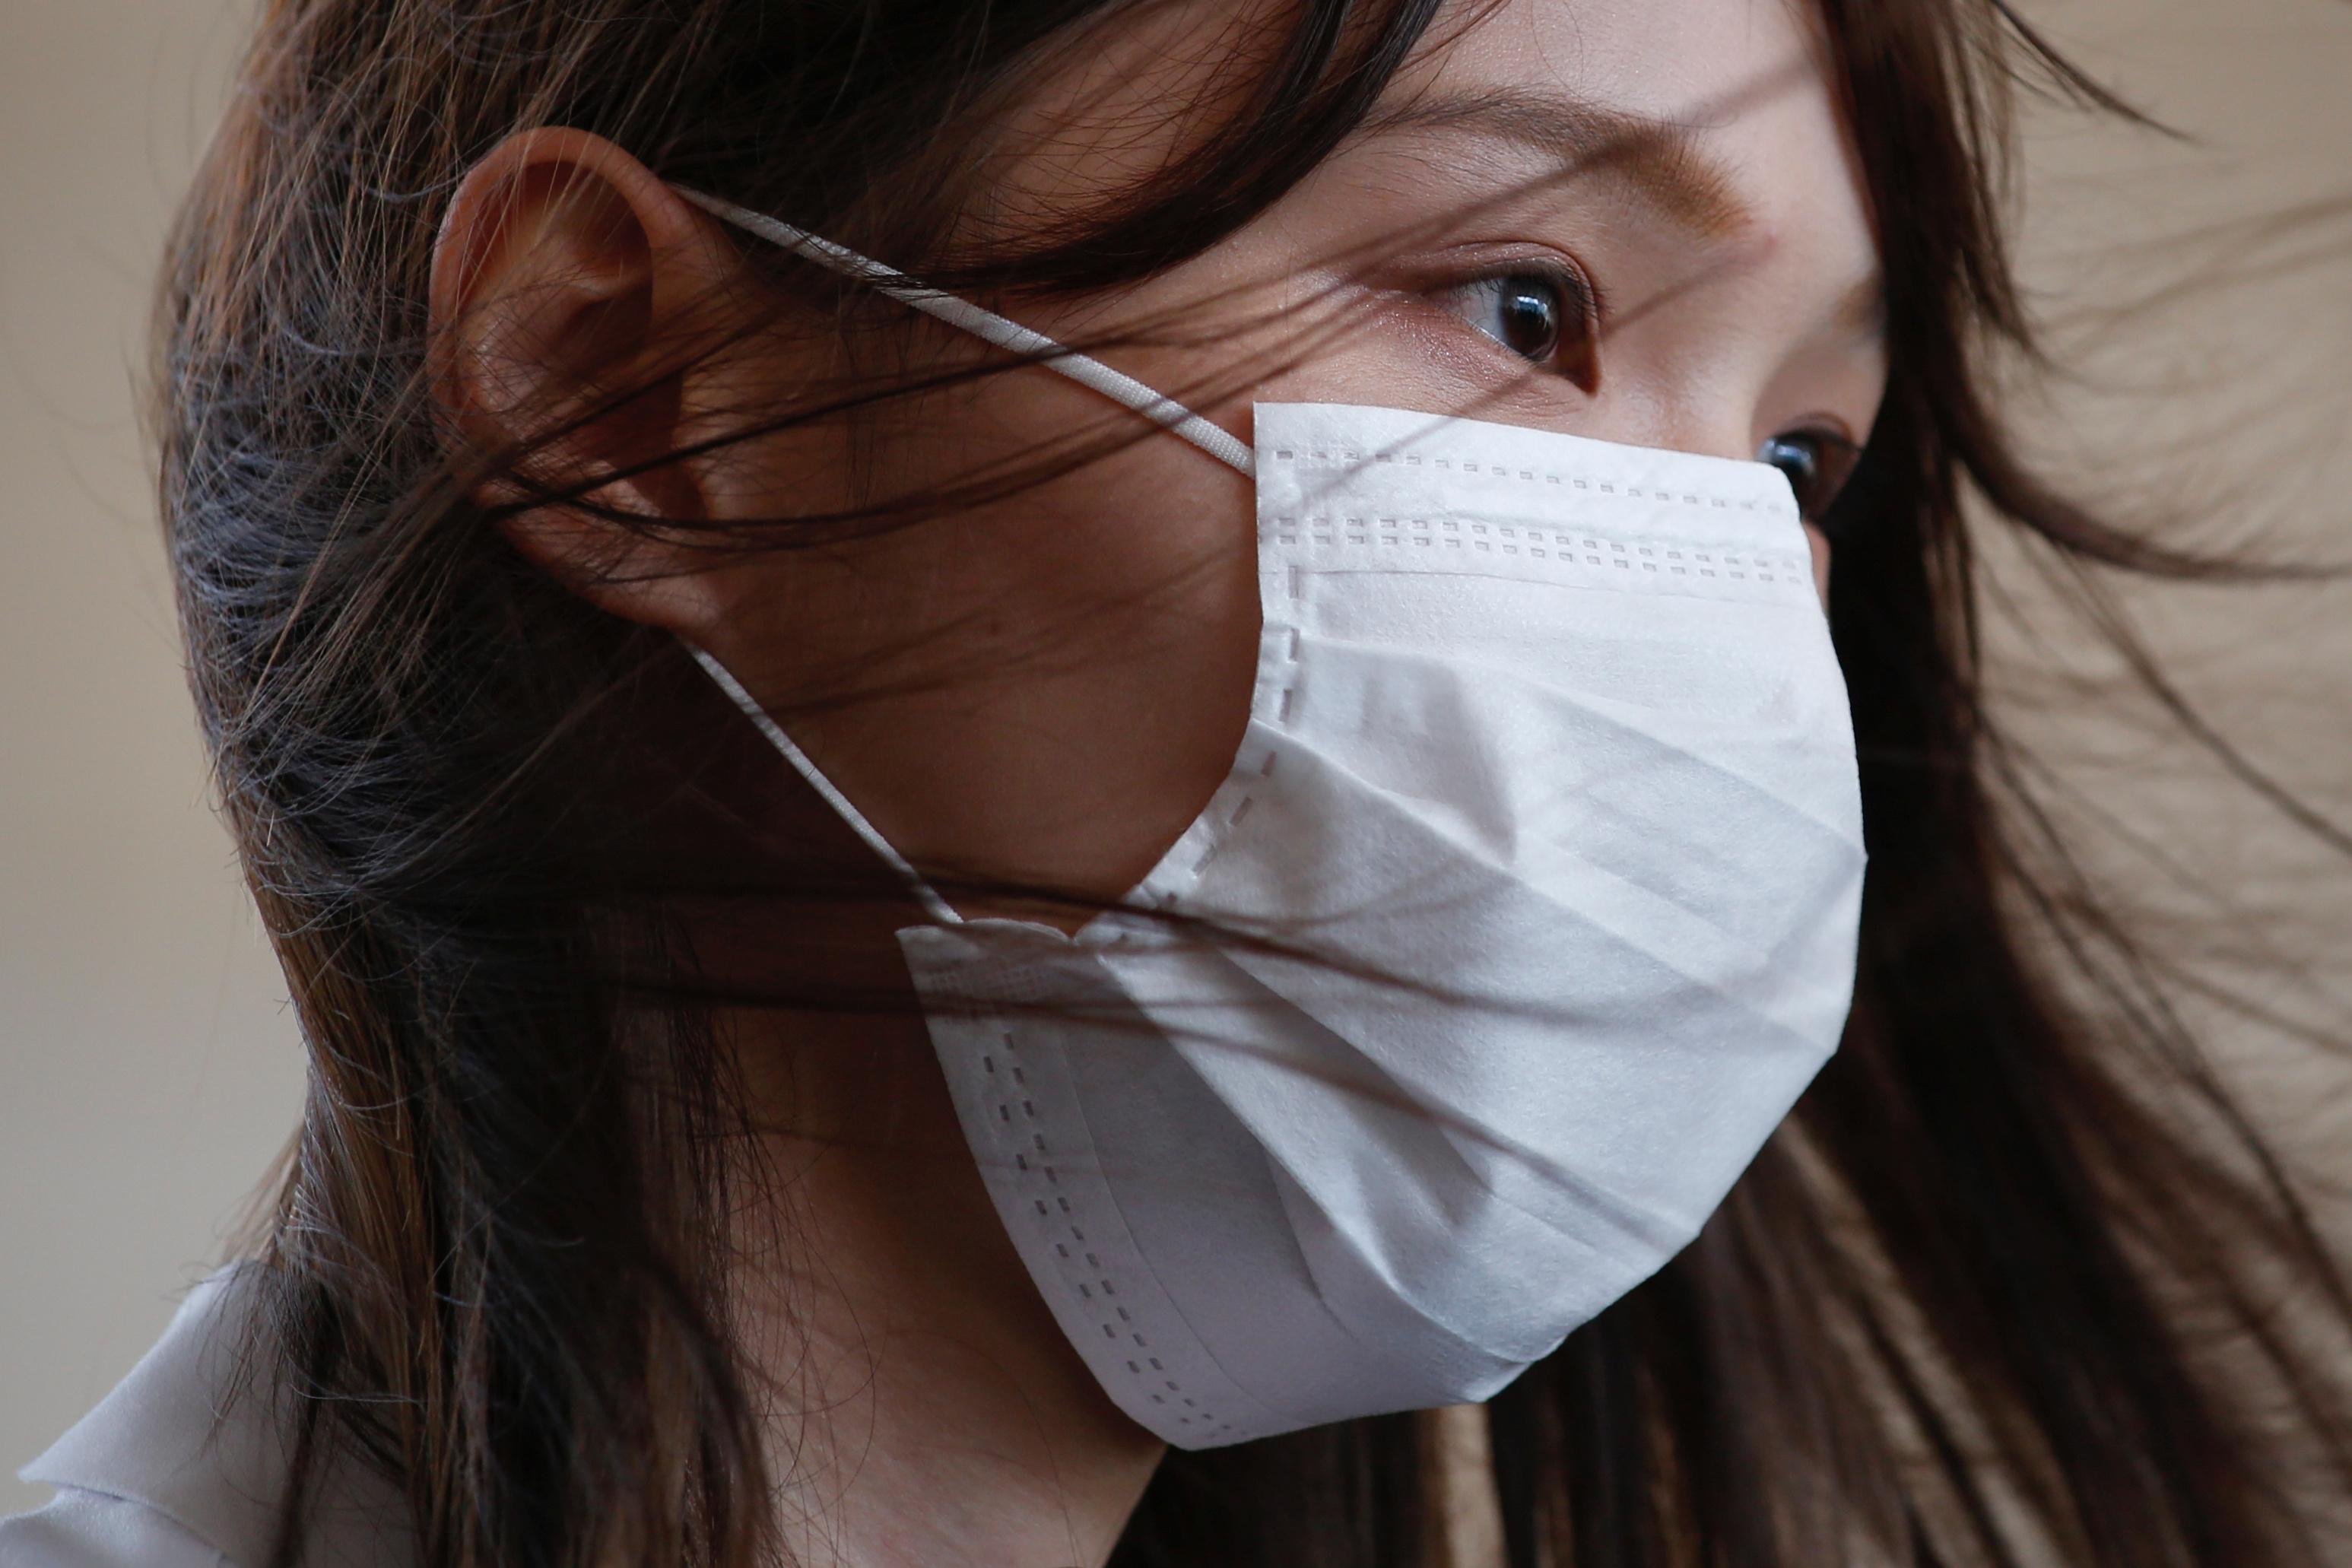 「香港學運女神」周庭日前被判入獄10個月,將於囚中度過24歲生日。(路透社圖片)